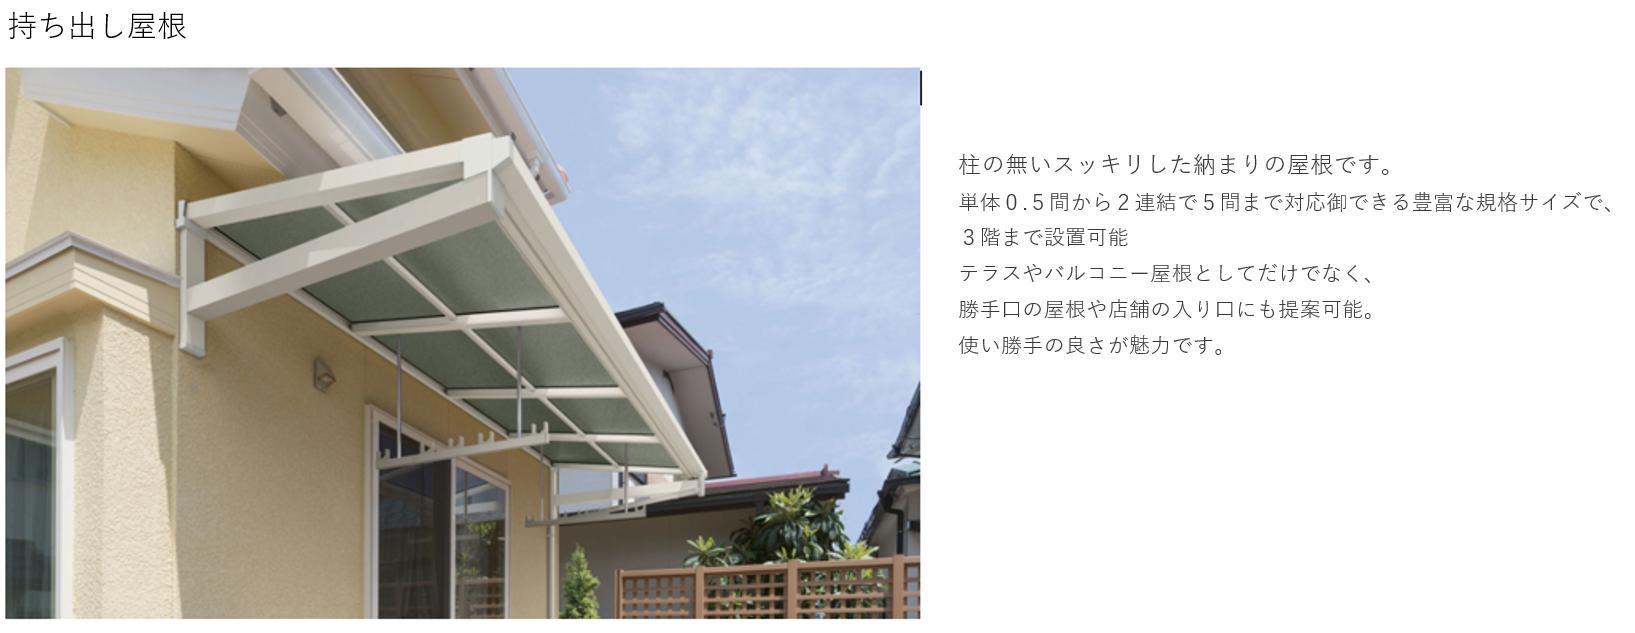 持ち出し屋根 柱の無いスッキリした納まりの屋根です。単体0.5間から2連結で5間まで対応御できる豊富なサイズで、3階まで設置可能。テラスやバルコニー屋根としてだけだはなく、勝手口の屋根の入り口にも提案可能。使いが手の良さが魅力です。